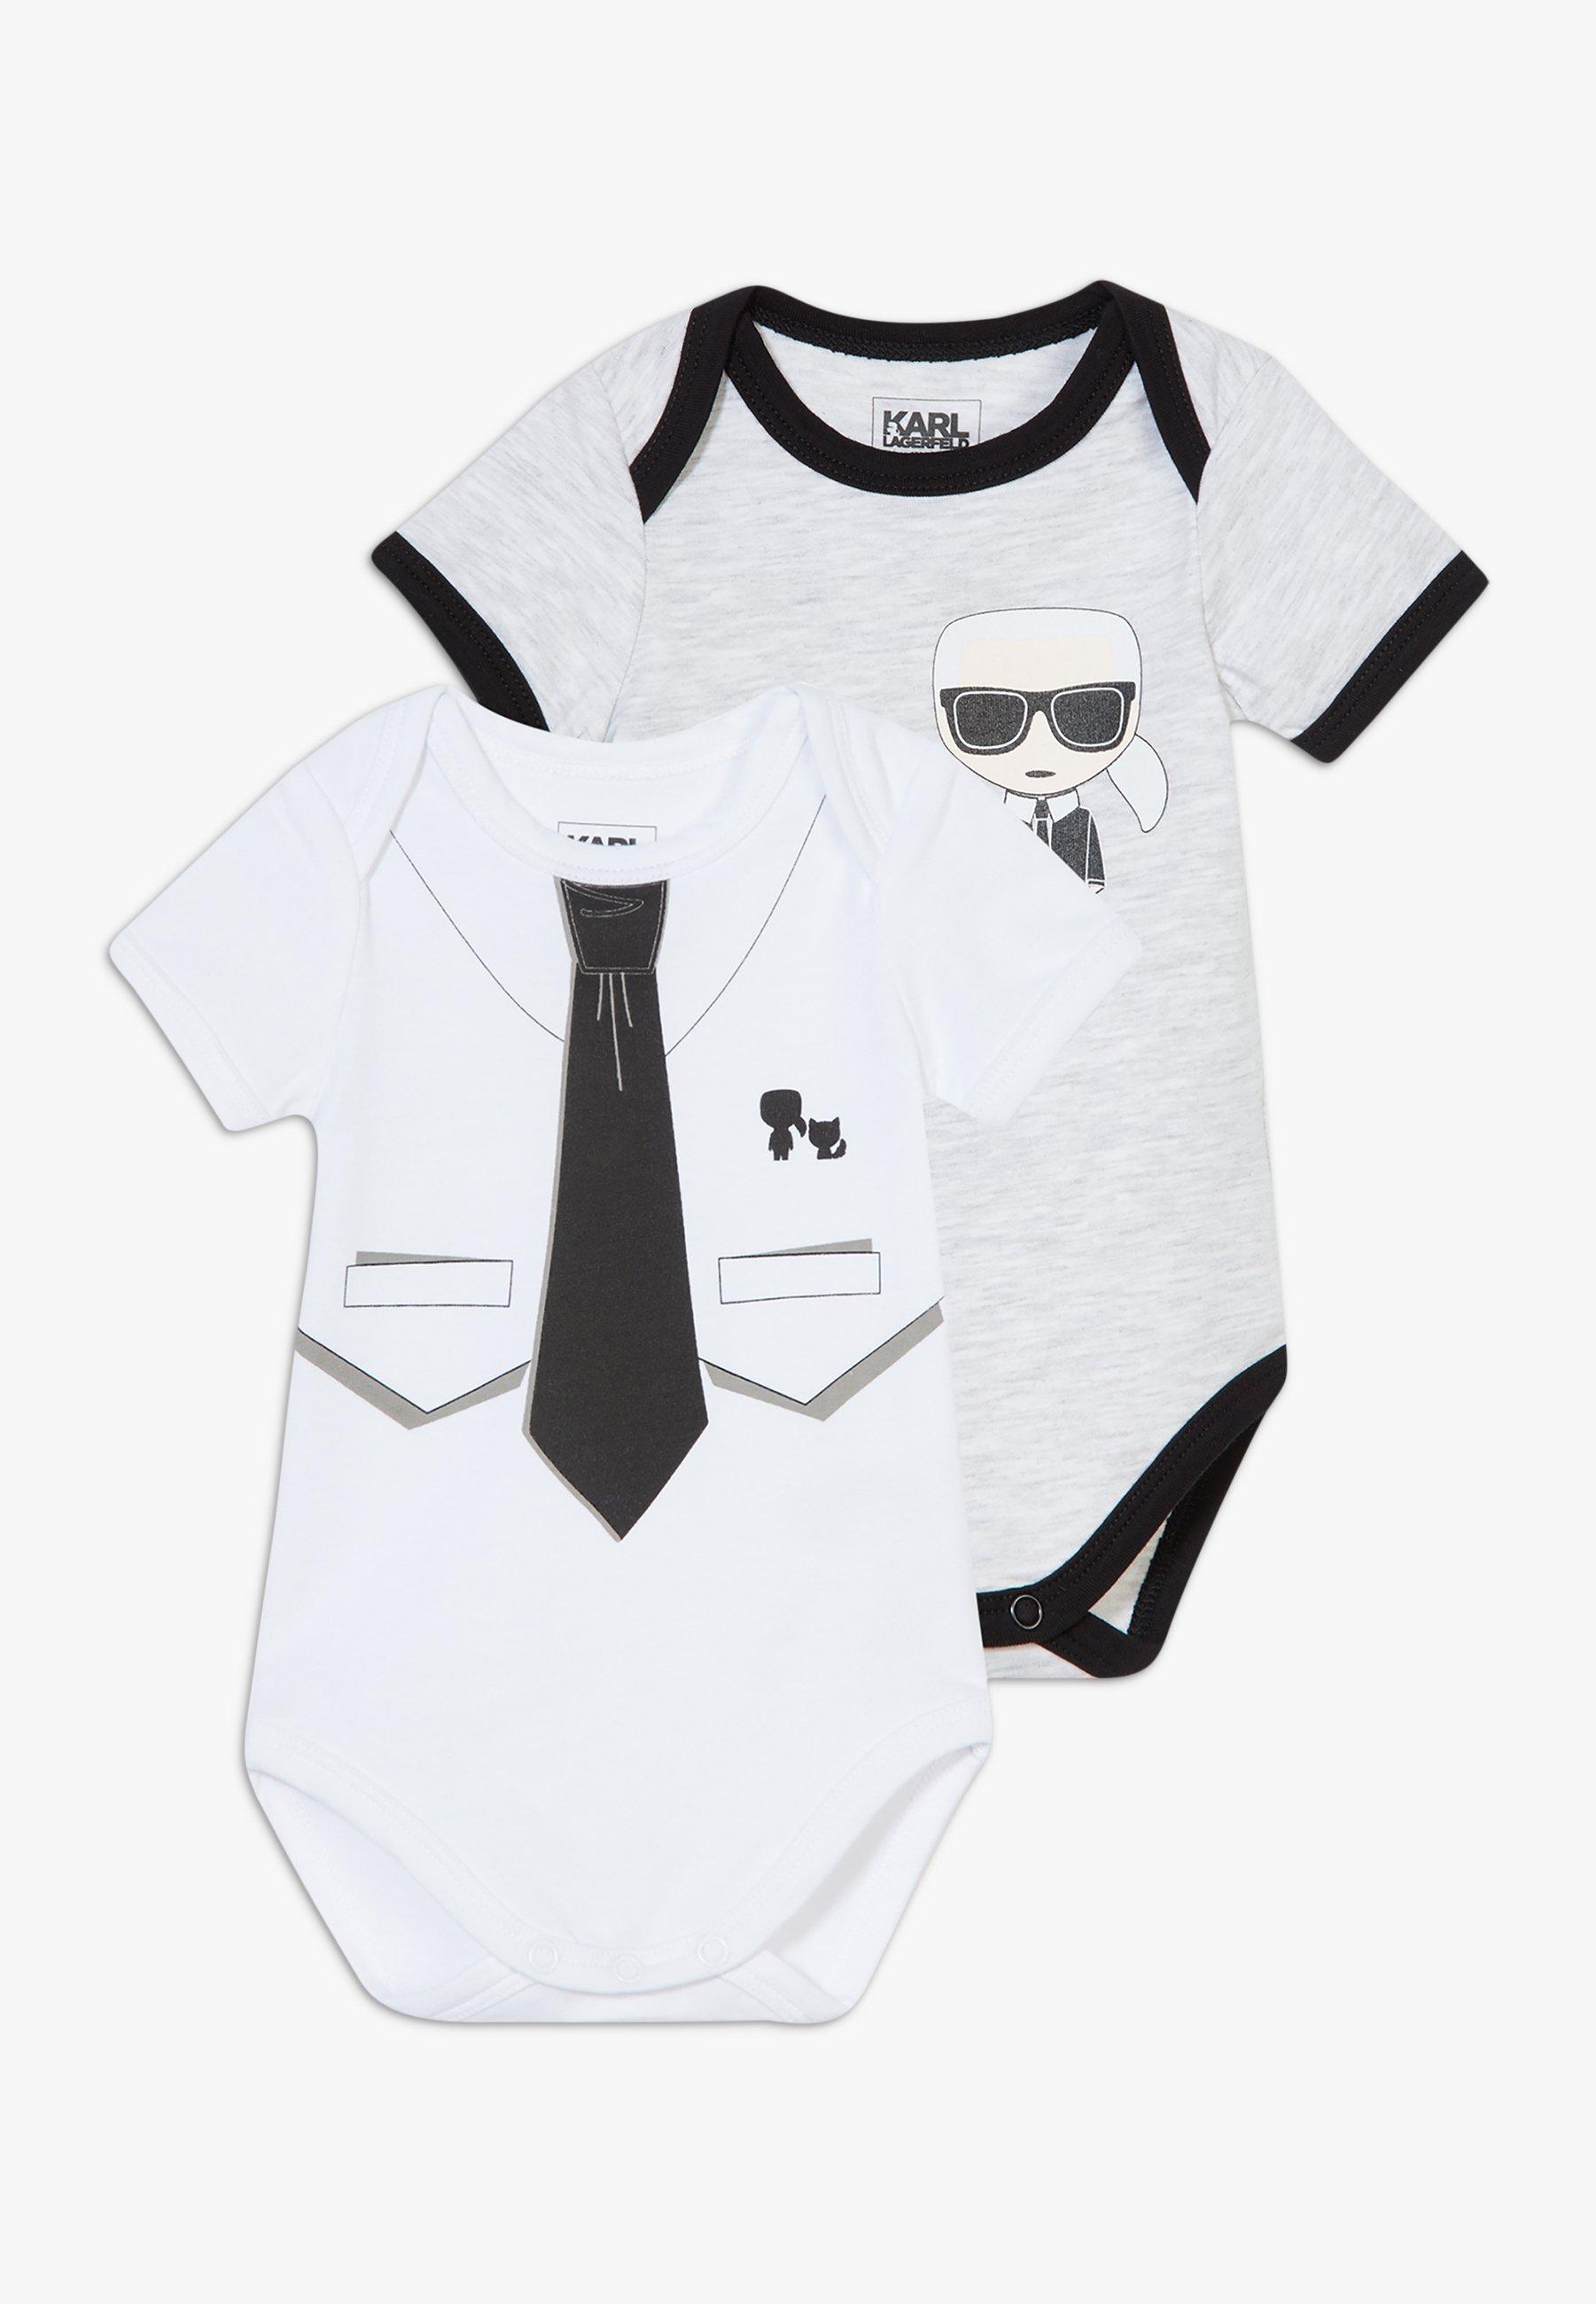 Najlepiej sprzedający się Zakupy KARL LAGERFELD BABY 2 PACK - Body - grey/white | Dzieci Odzież 2020 Izkwo